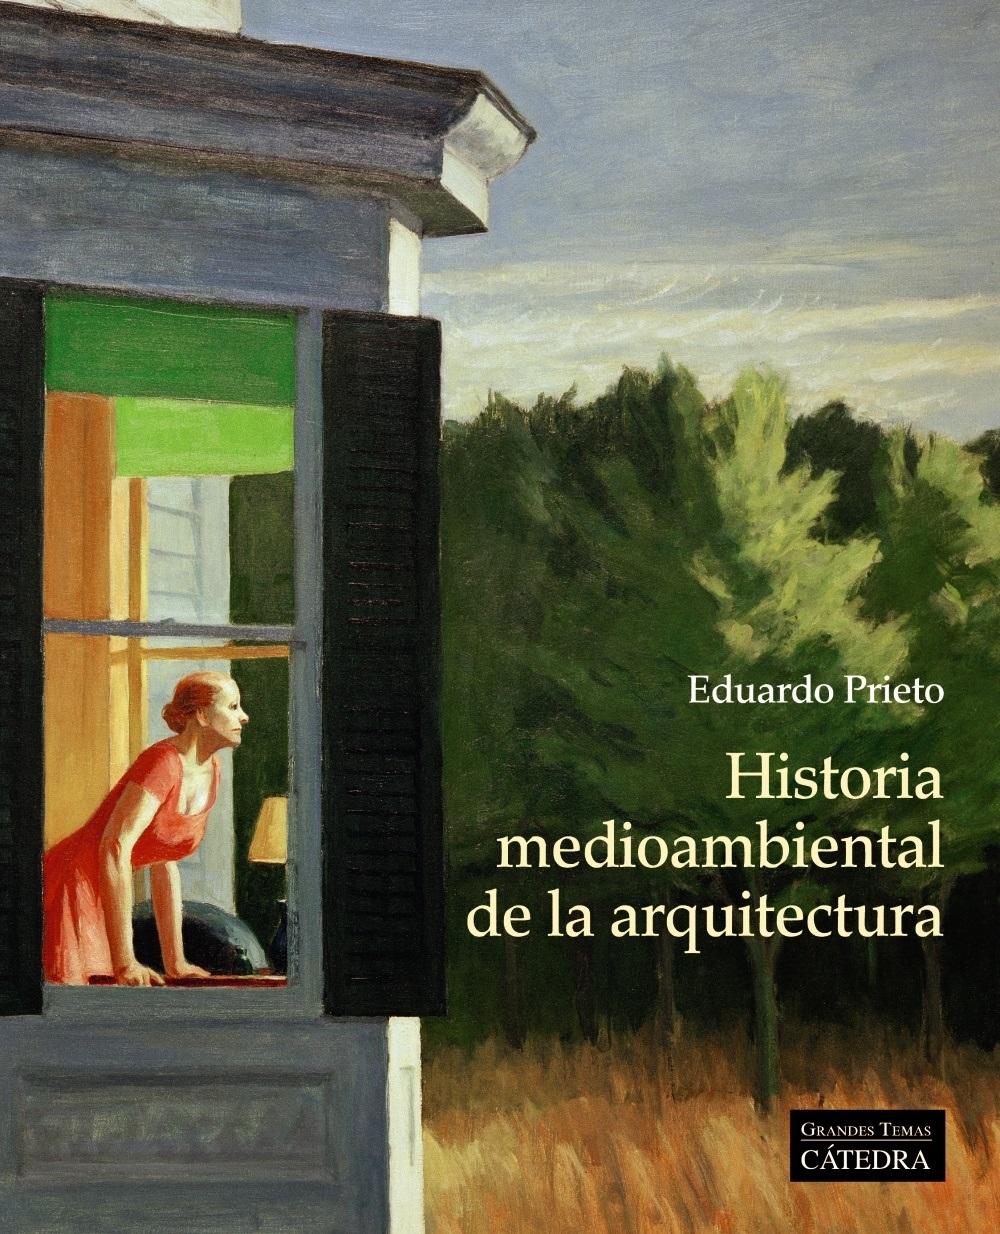 Fotos libros